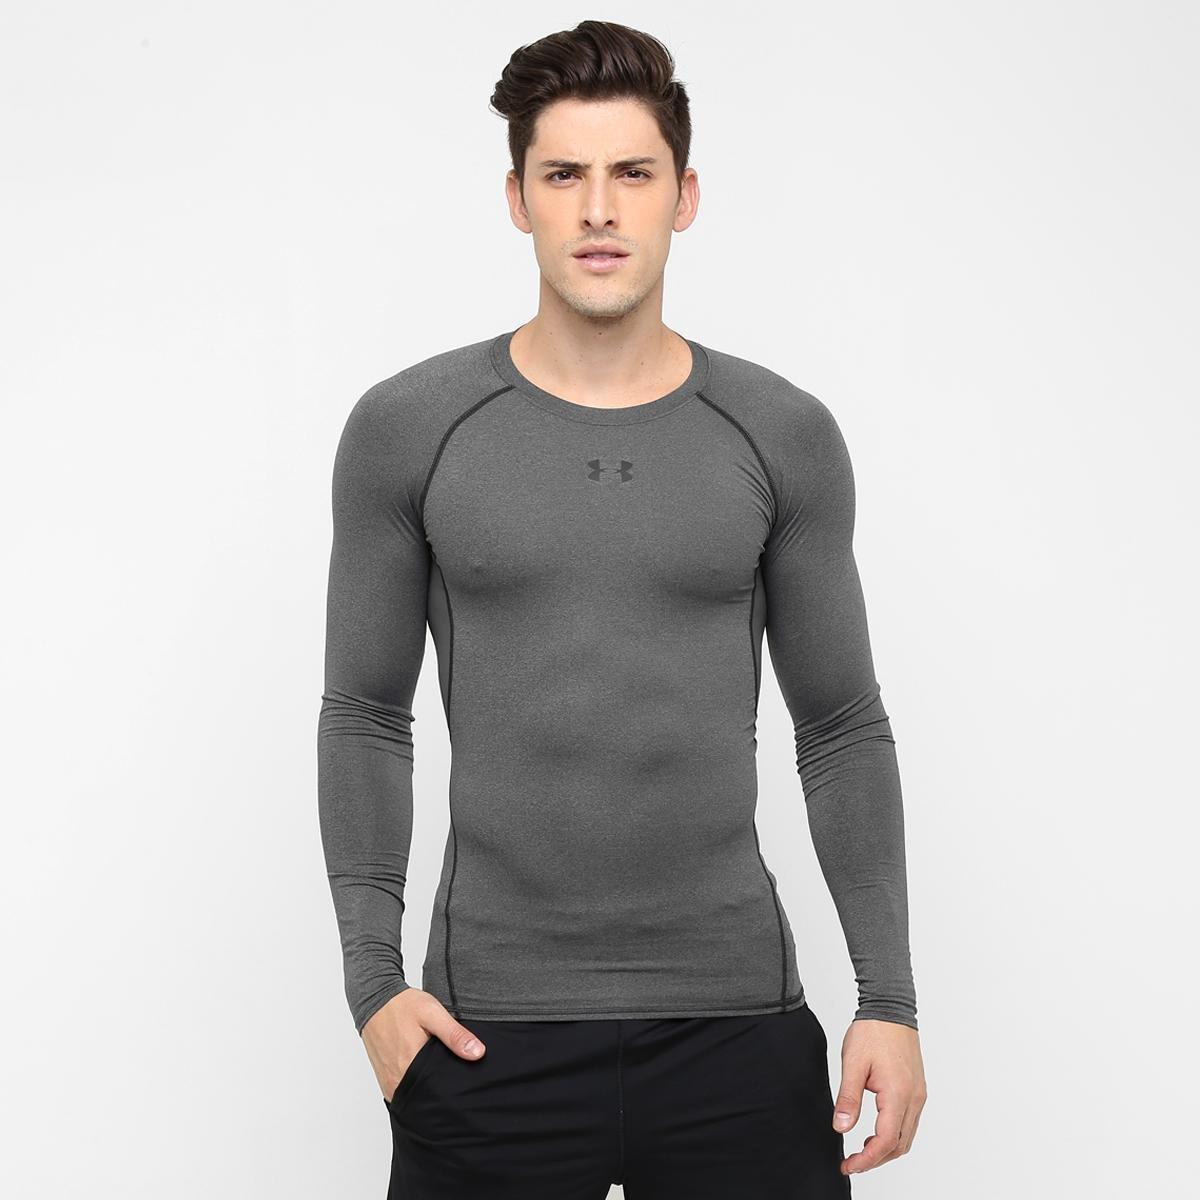 0f168498bf7b4 Camisa de Compressão Under Armour HG Manga Longa Masculina - Compre Agora